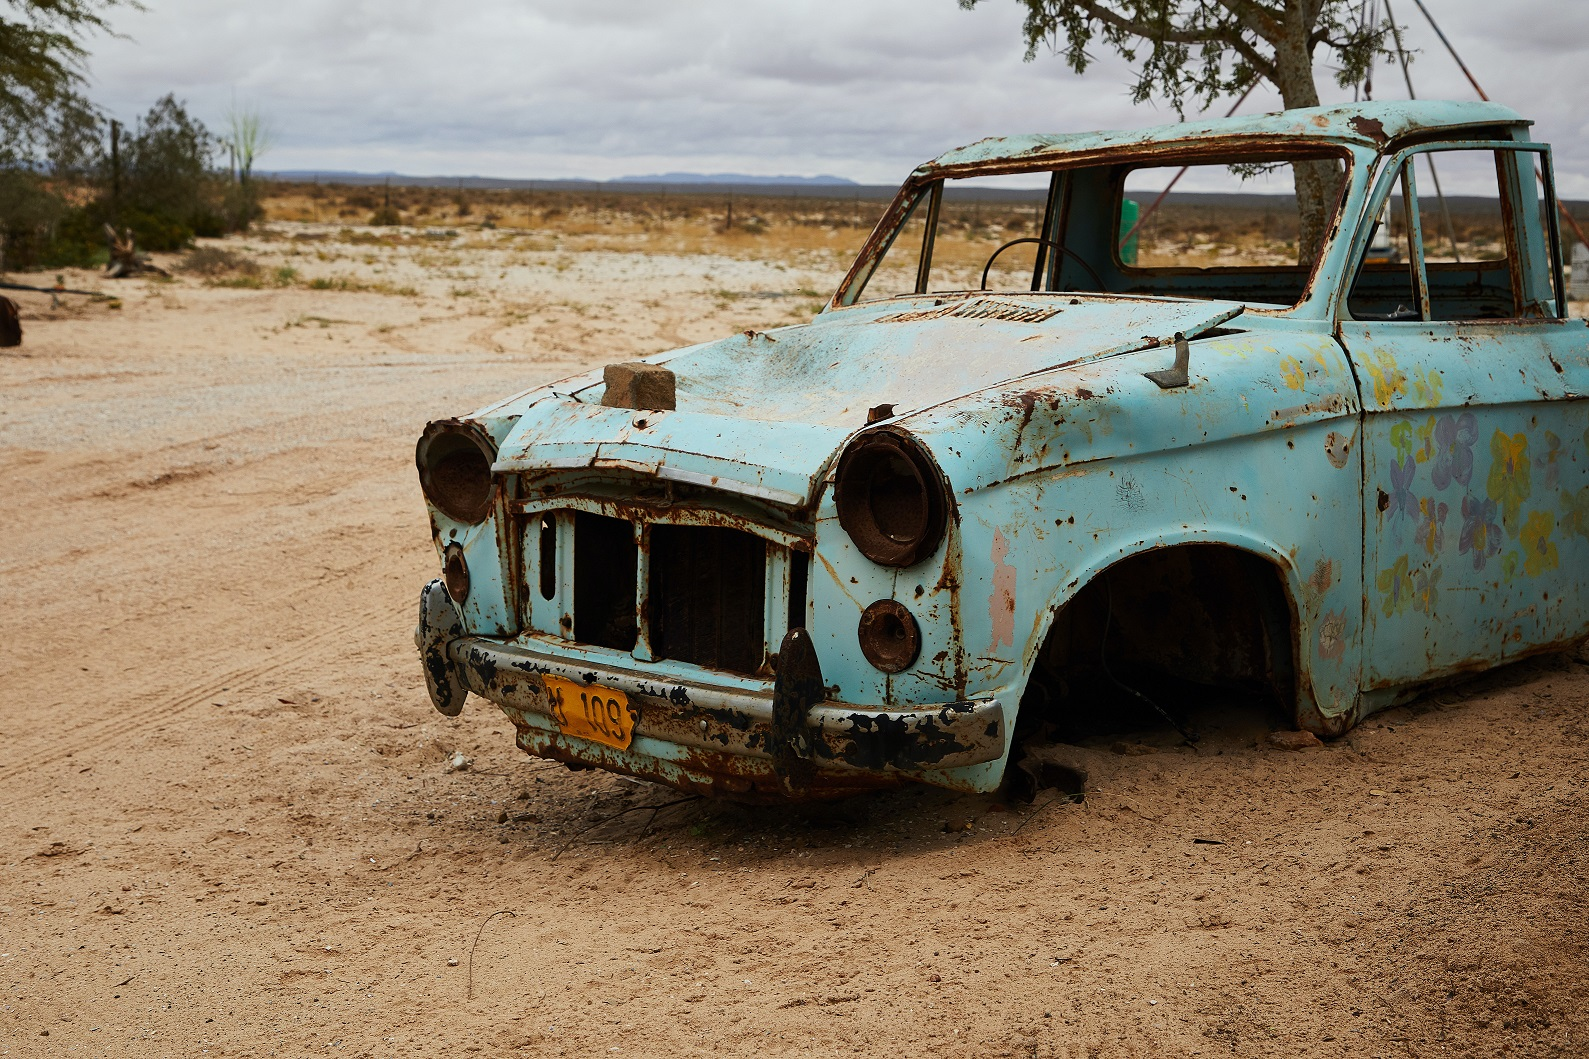 Paskelbtame sąraše: 37 nenaudojami automobiliai, kurie gegužę bus nutempti